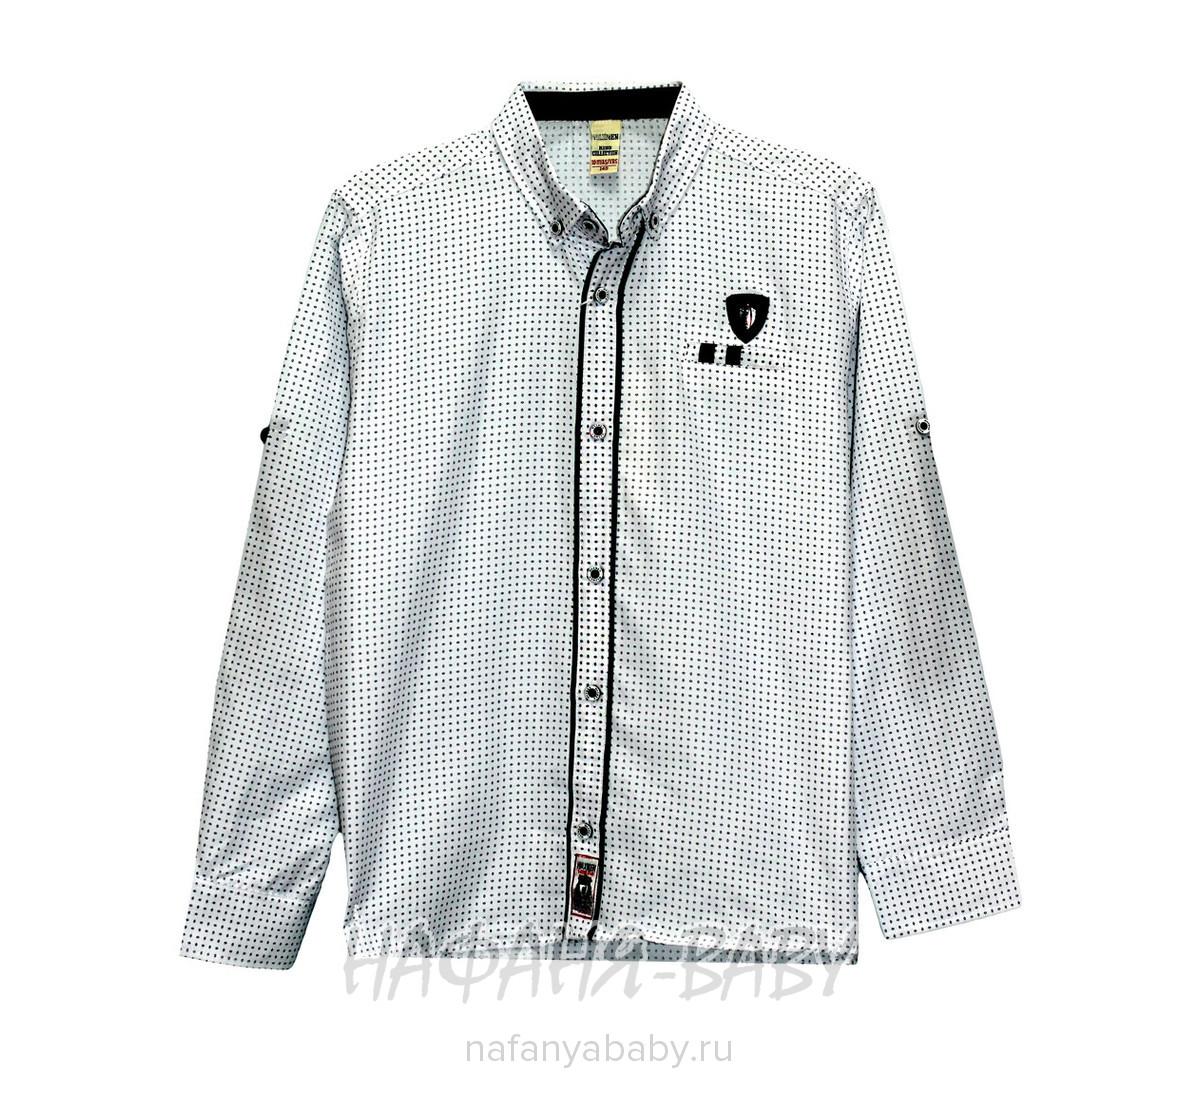 Детская рубашка WAXMEN арт: 5062-1, 10-15 лет, цвет белый, оптом Турция